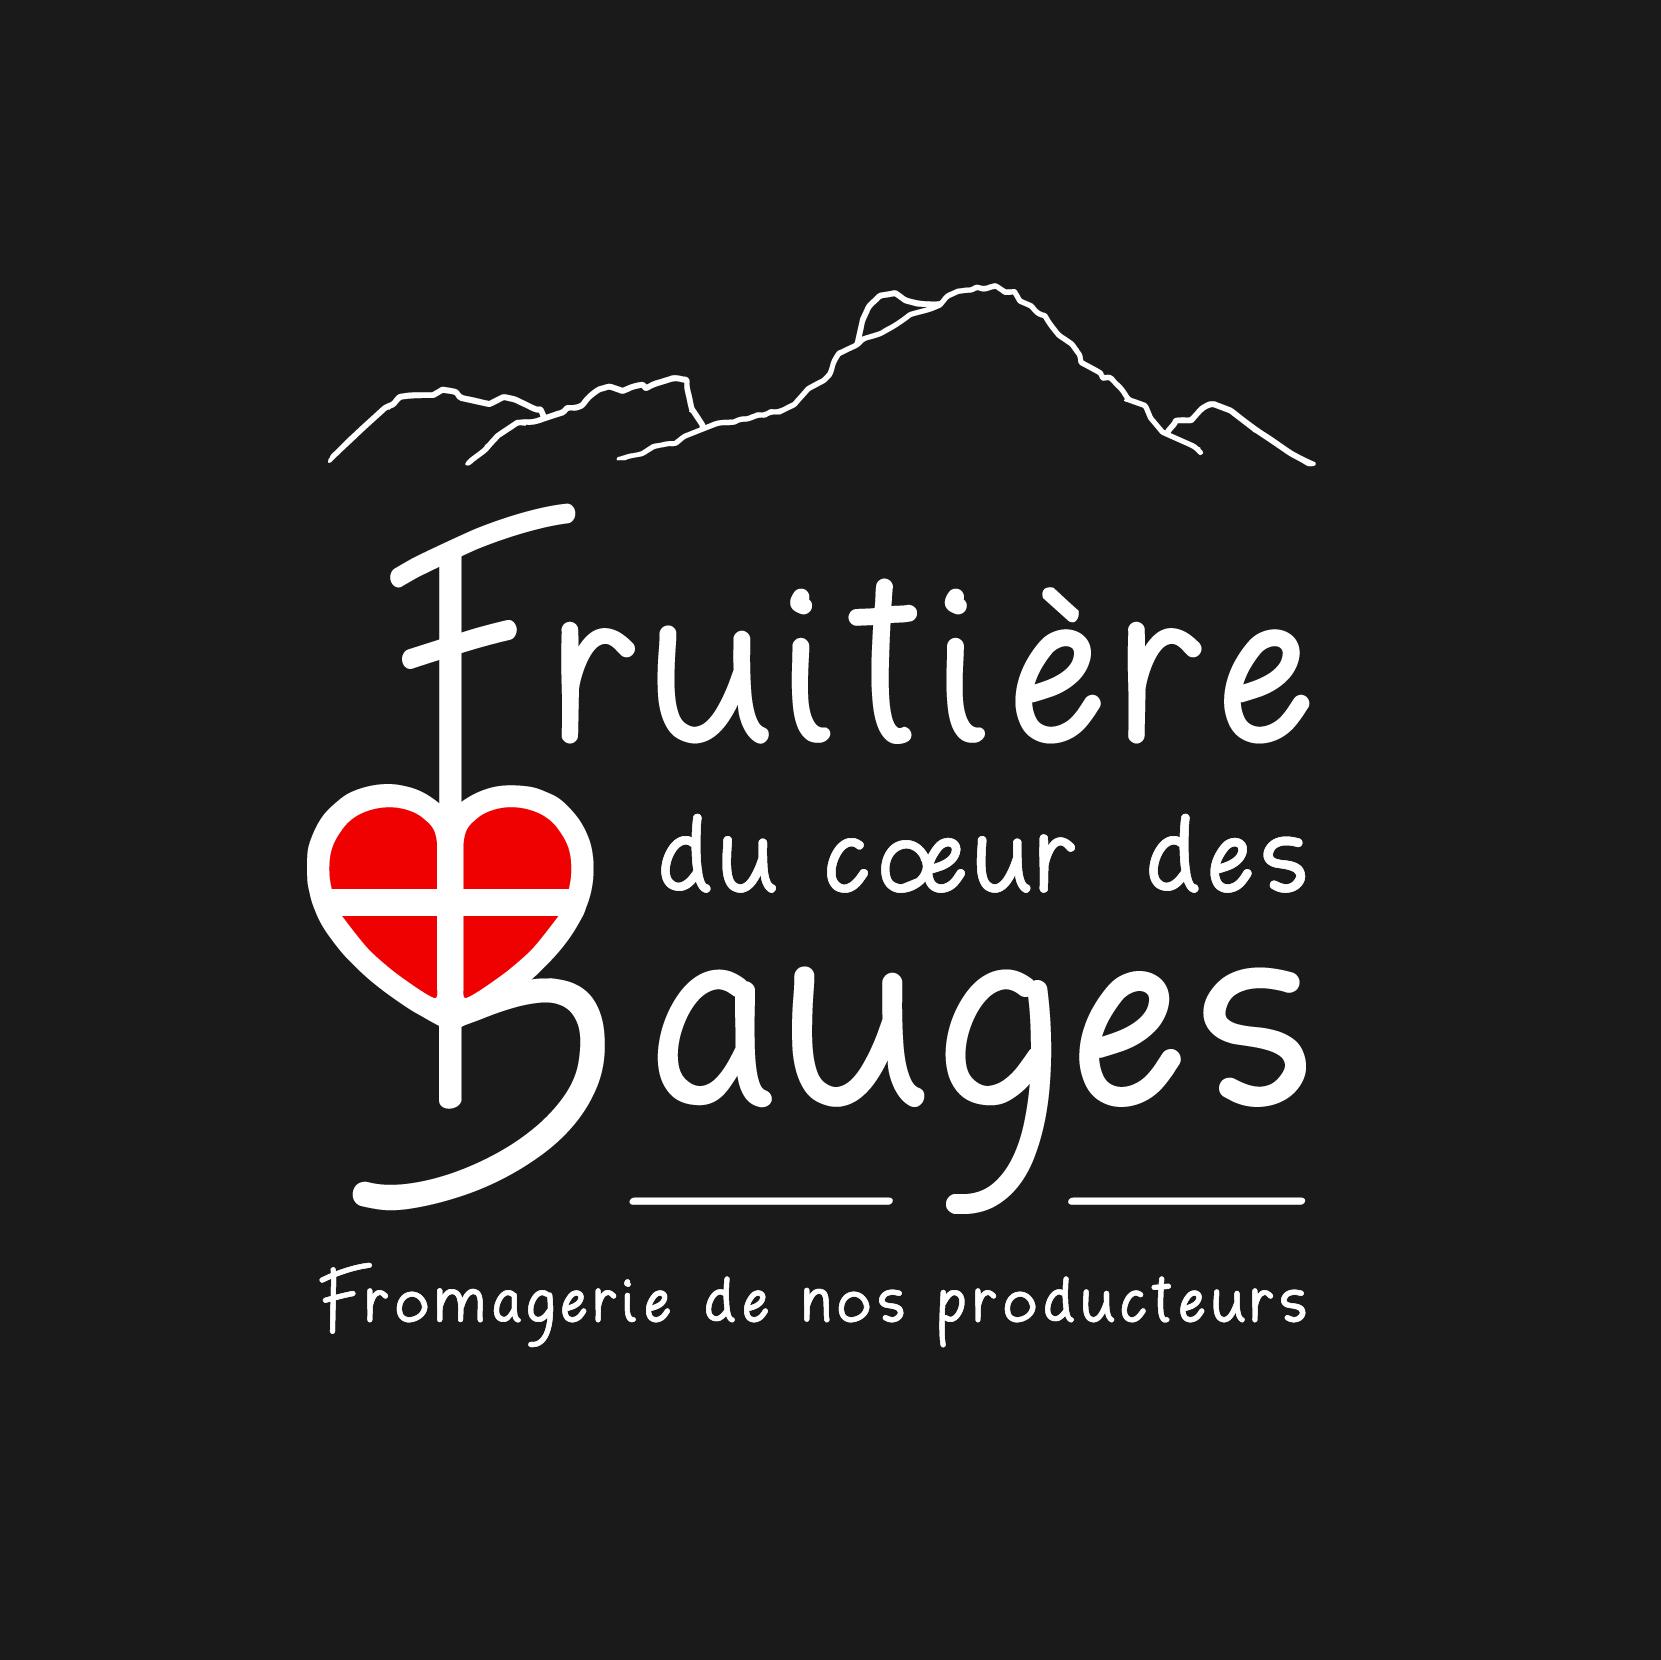 LOGO FRUITIERE CŒUR DES BAUGES